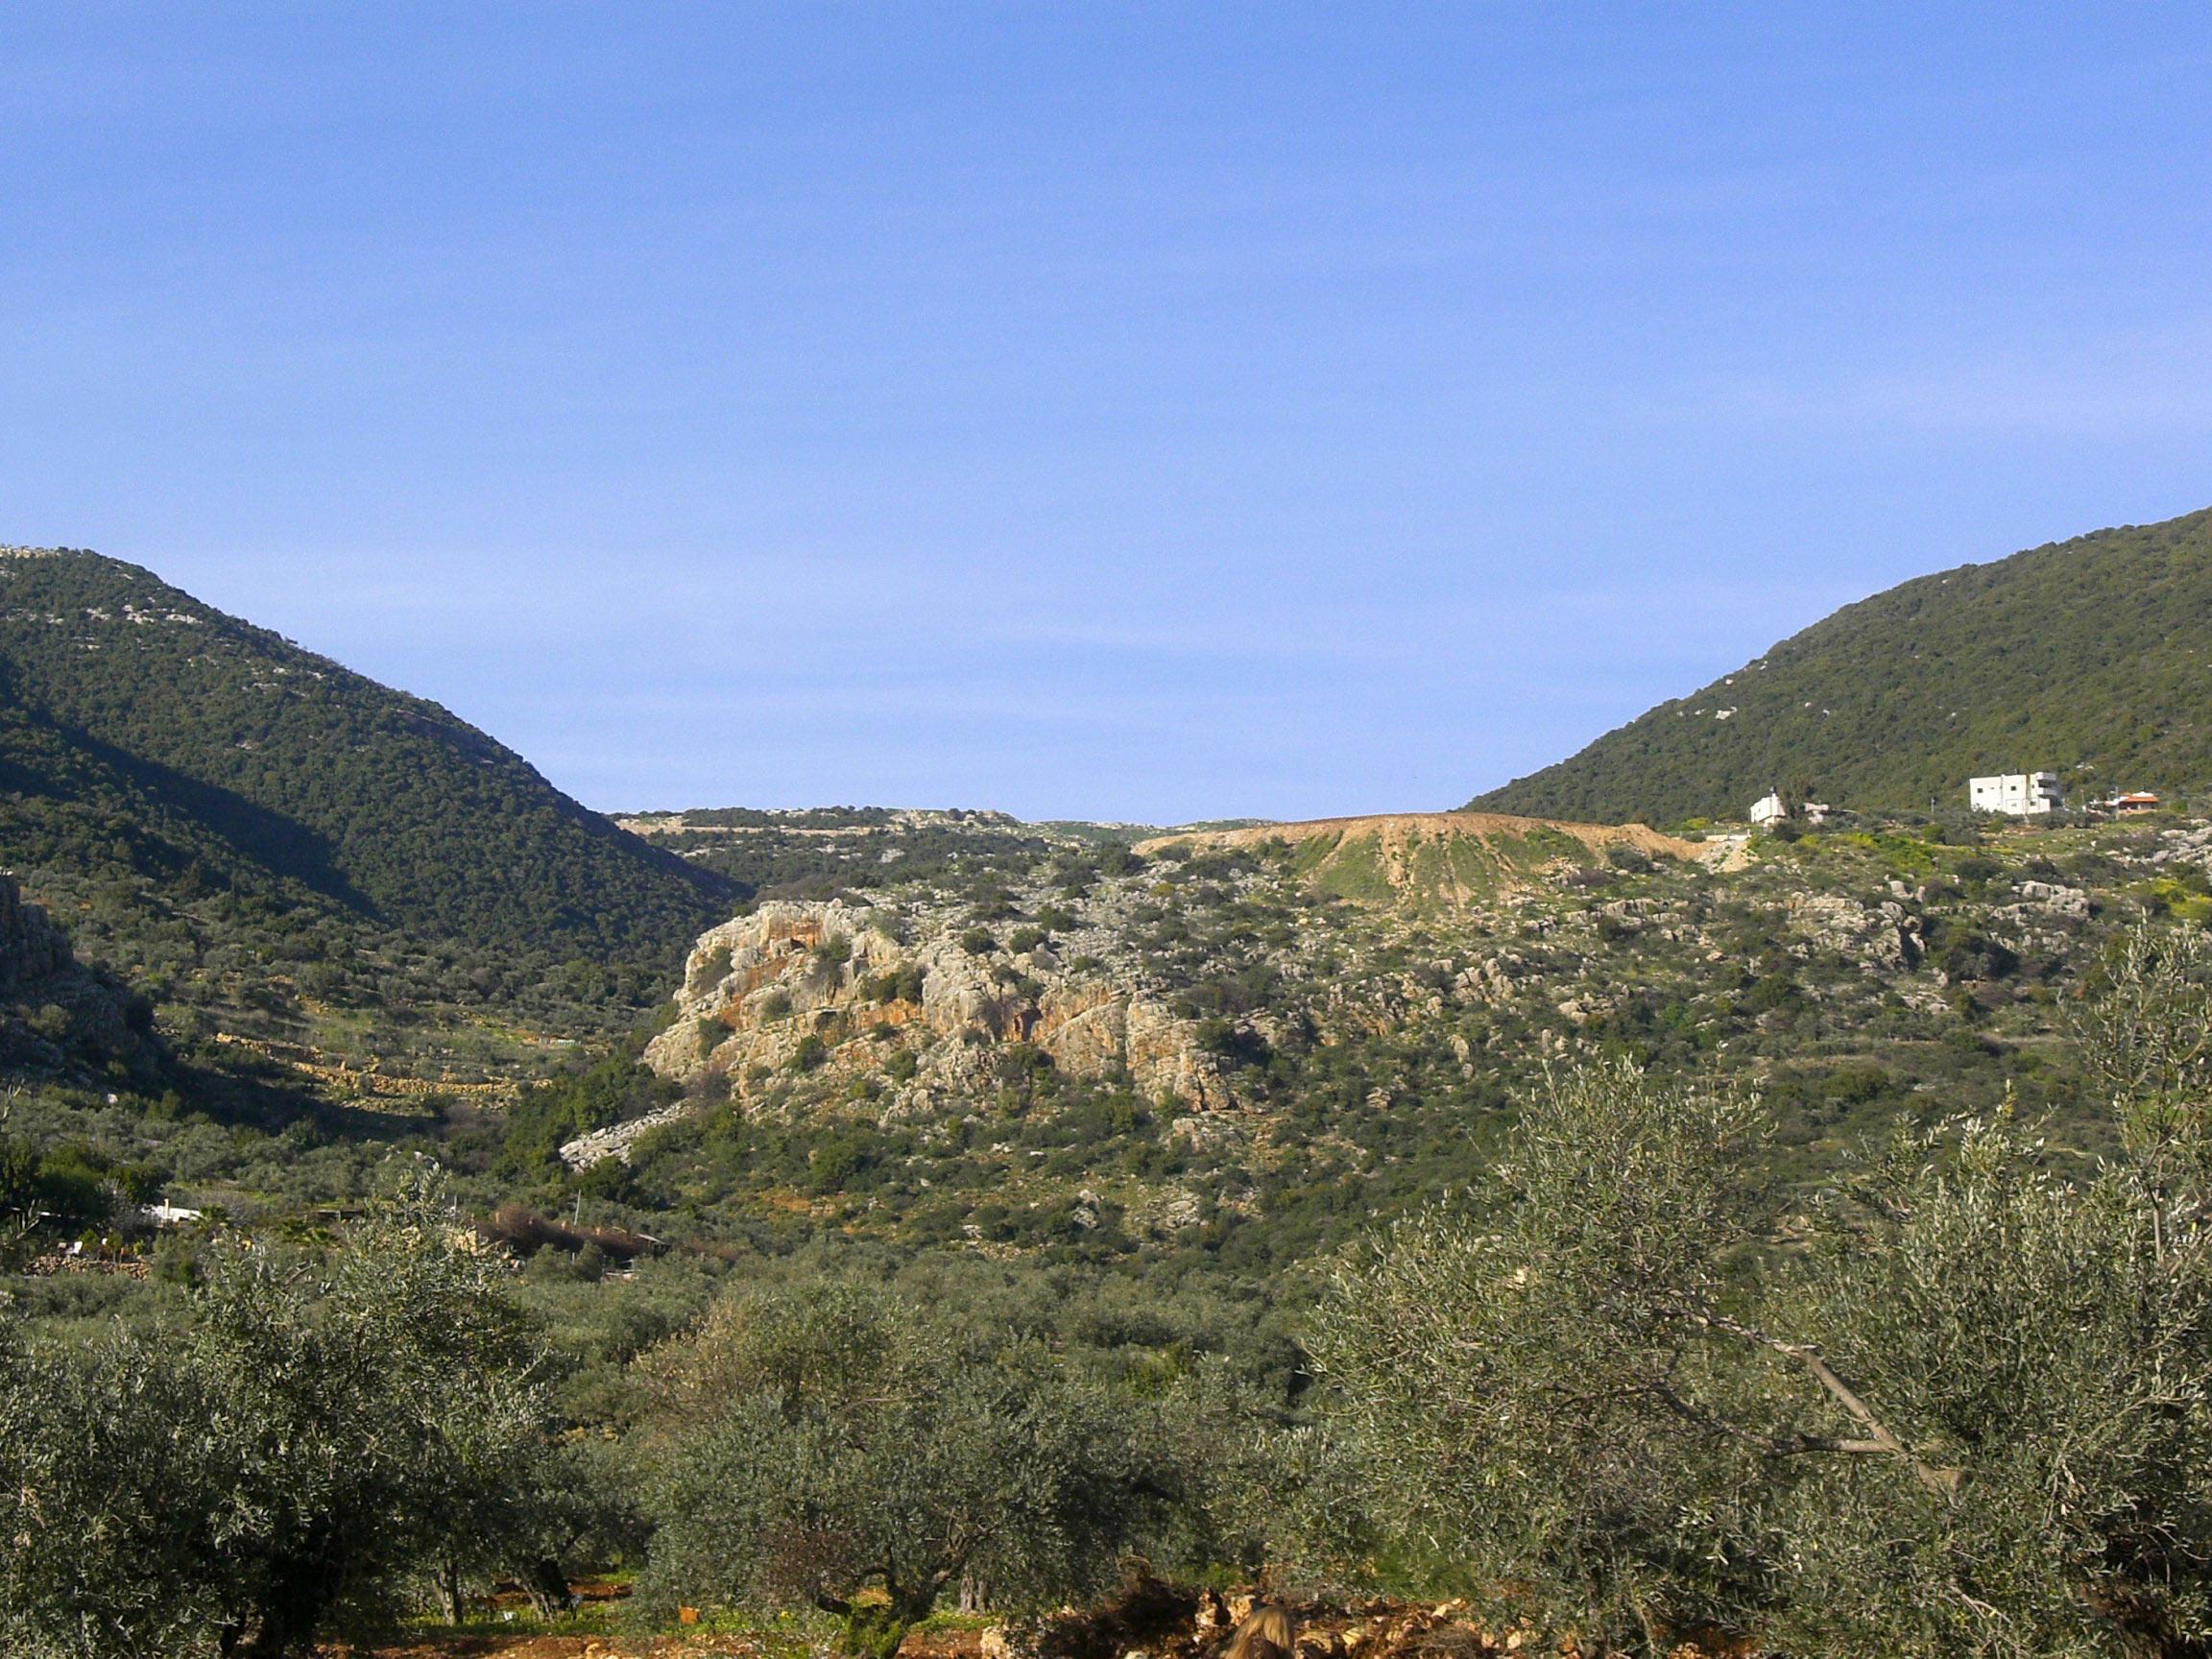 שורשים היסטוריים. מטעי זיתים עתיקים בגליל (צילום: אריאלה אפללו)